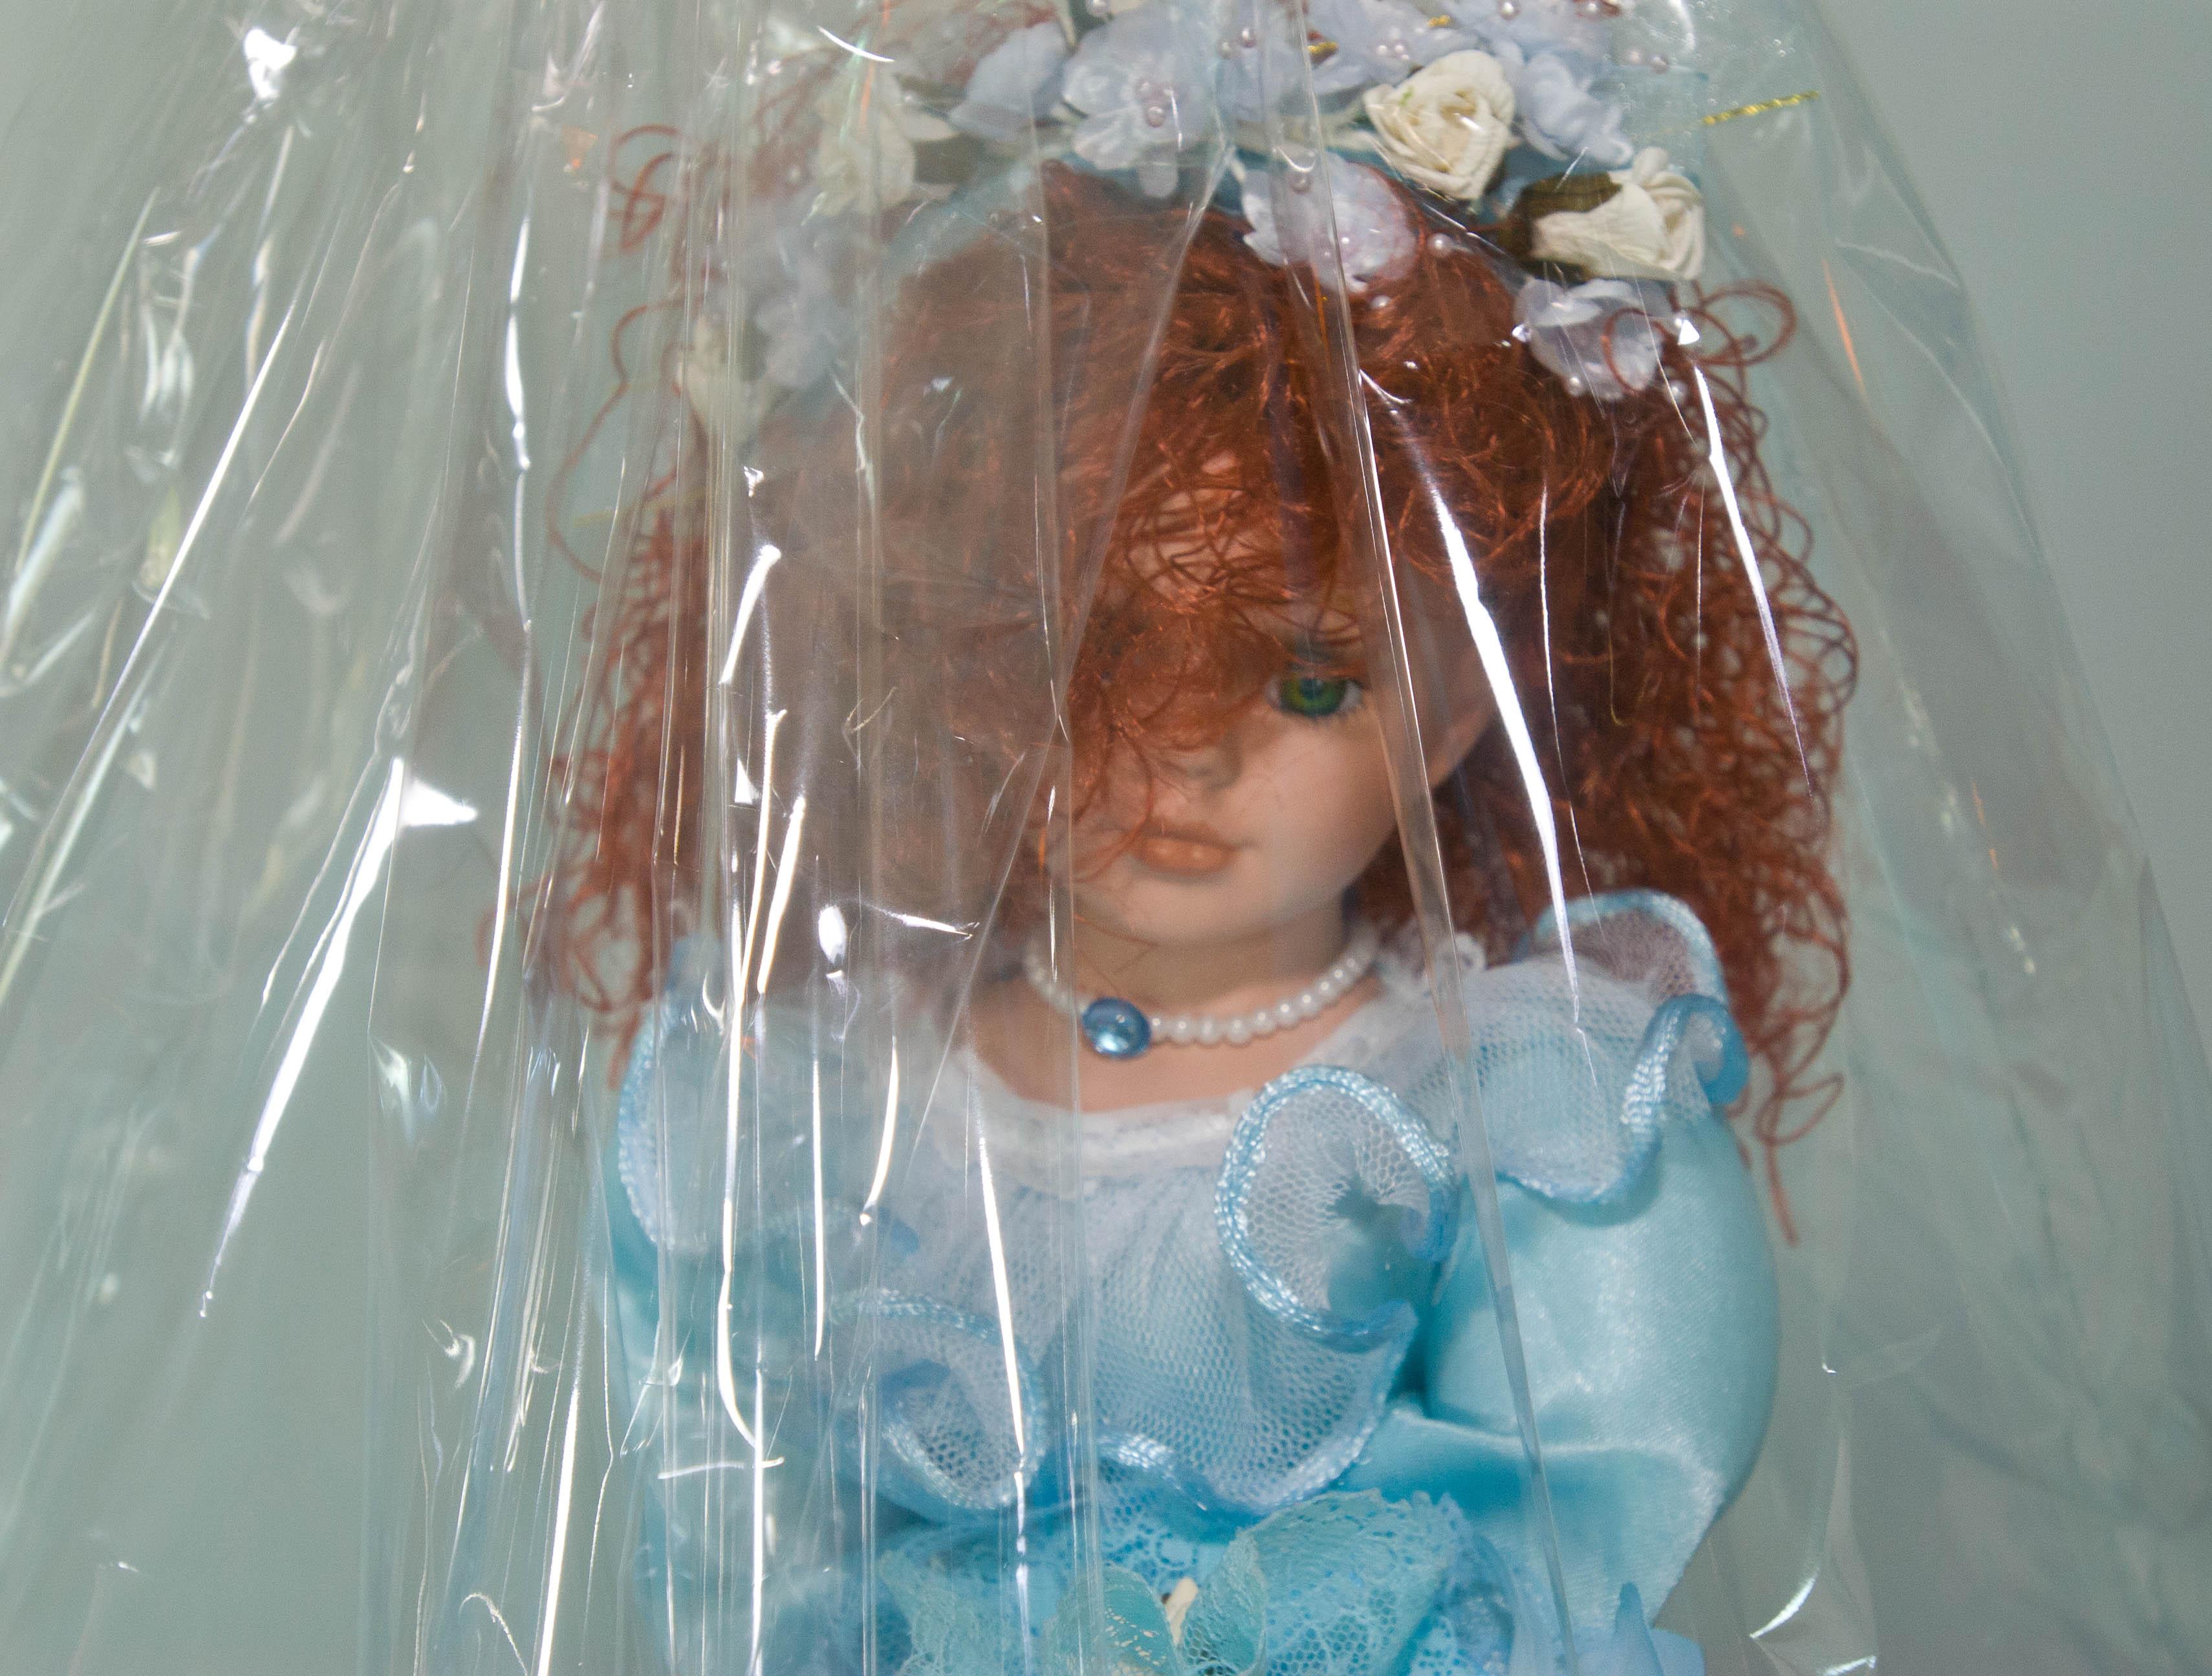 Quinceañera doll   © Maurice Thaler/Flickr